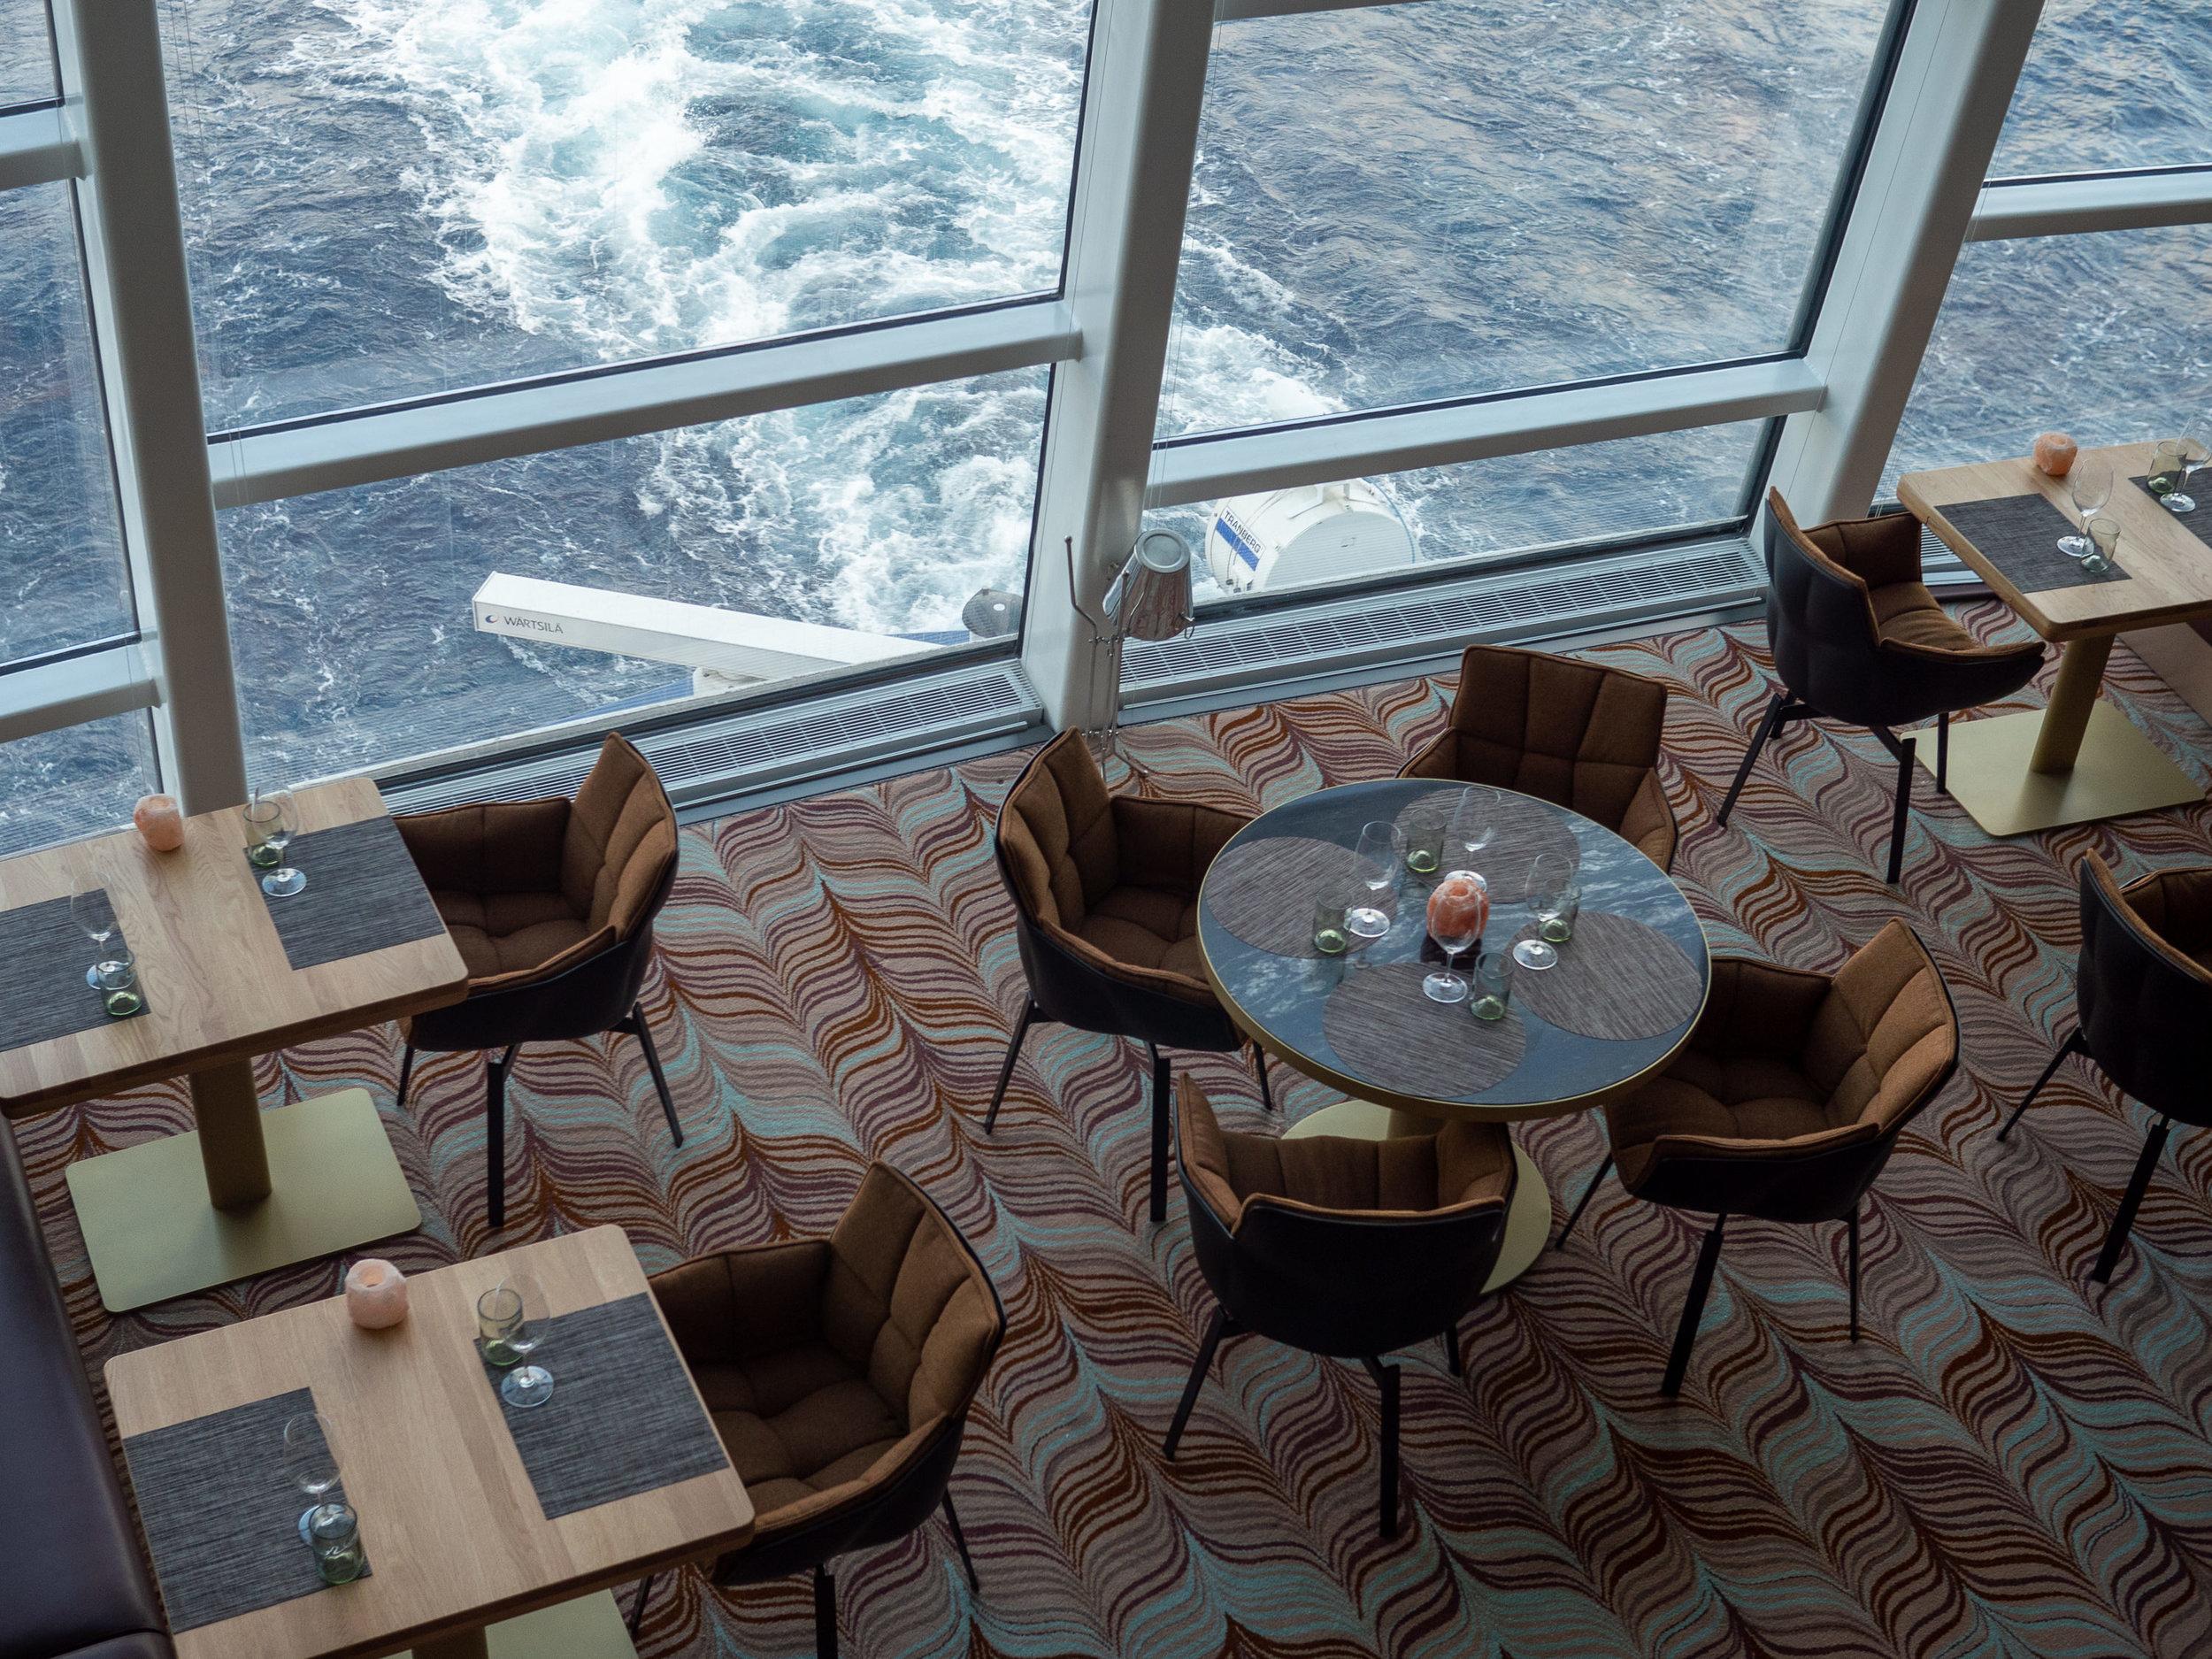 CELEBRITY-CRUISES-EDGE-NEWEST-LUXURY-CRUISE-SHIP-TRAVEL-PHOTOGRAPHY-TOMMYLEI-MYBELONGING8.jpg